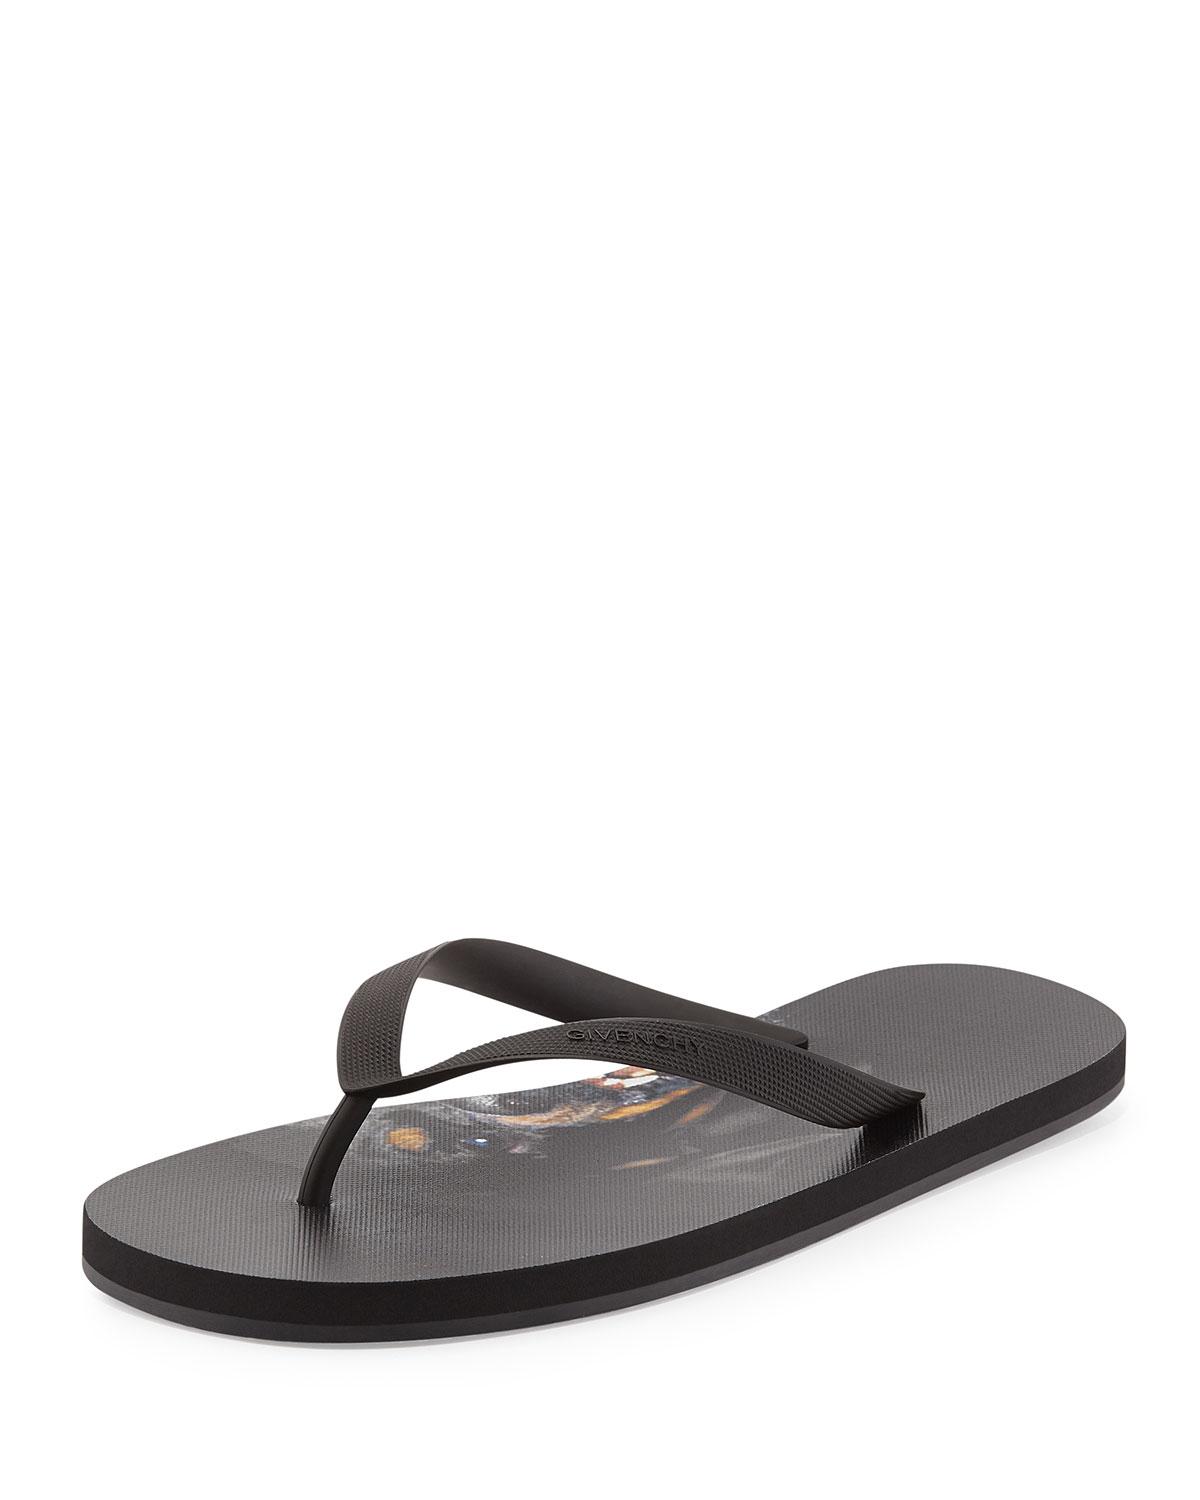 8e9590483021 Givenchy Favelas Rottweiler Flip Flops